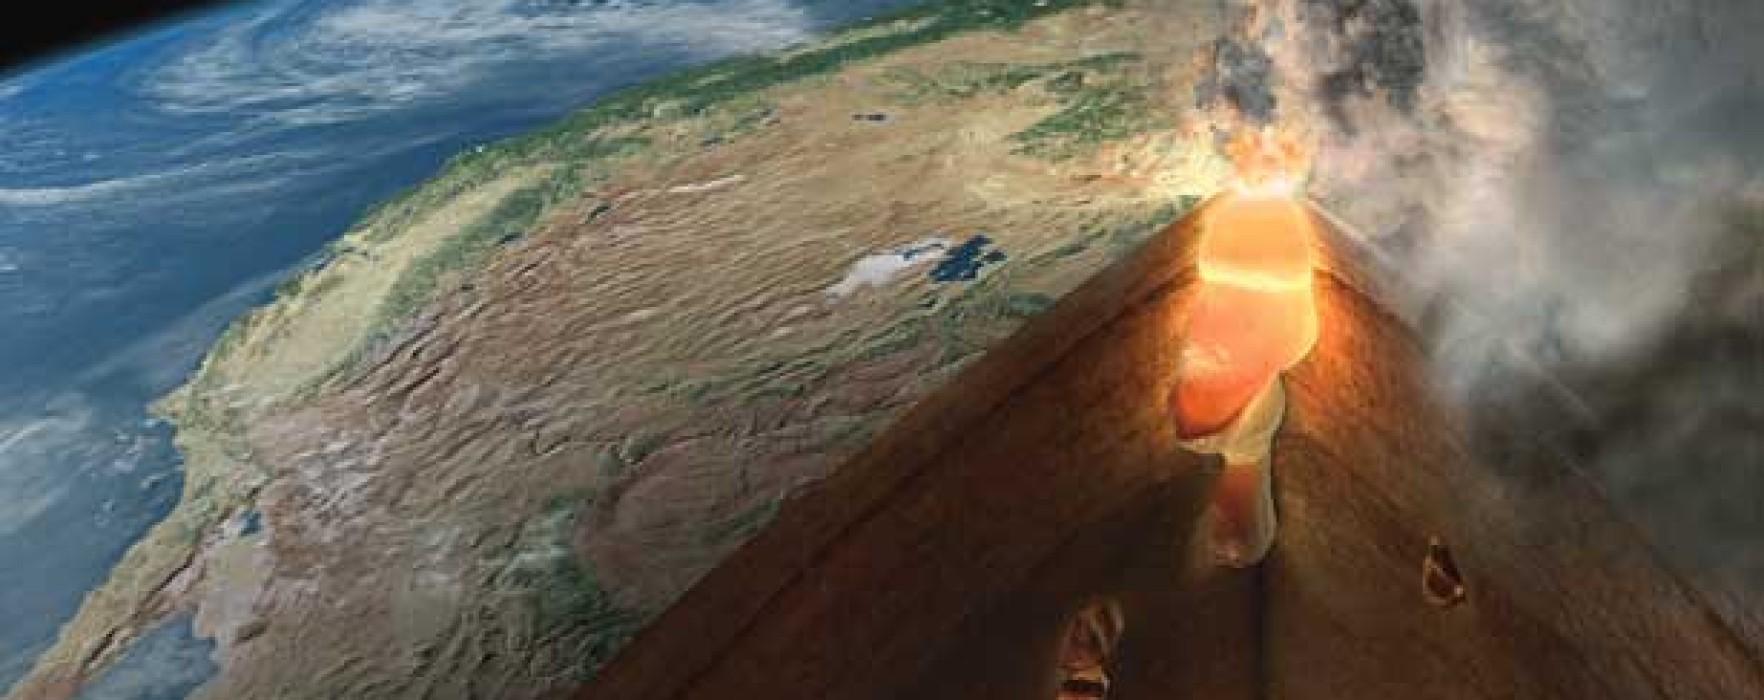 Новости йеллоустонского вулкана